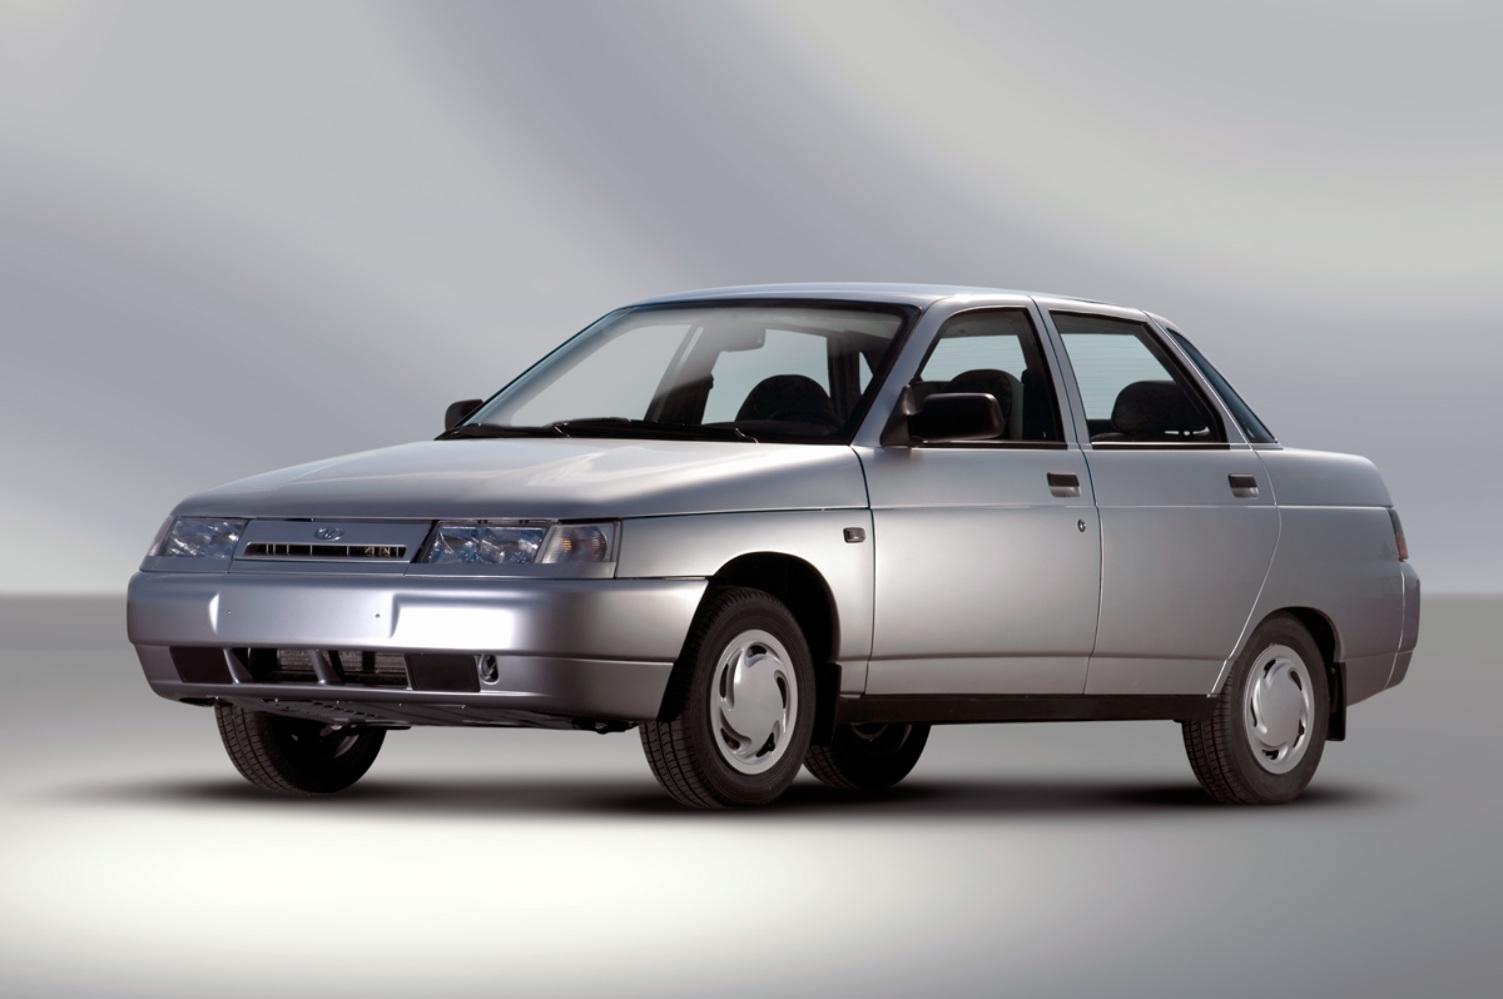 ... Lada 2110 Sedan 2000 ...